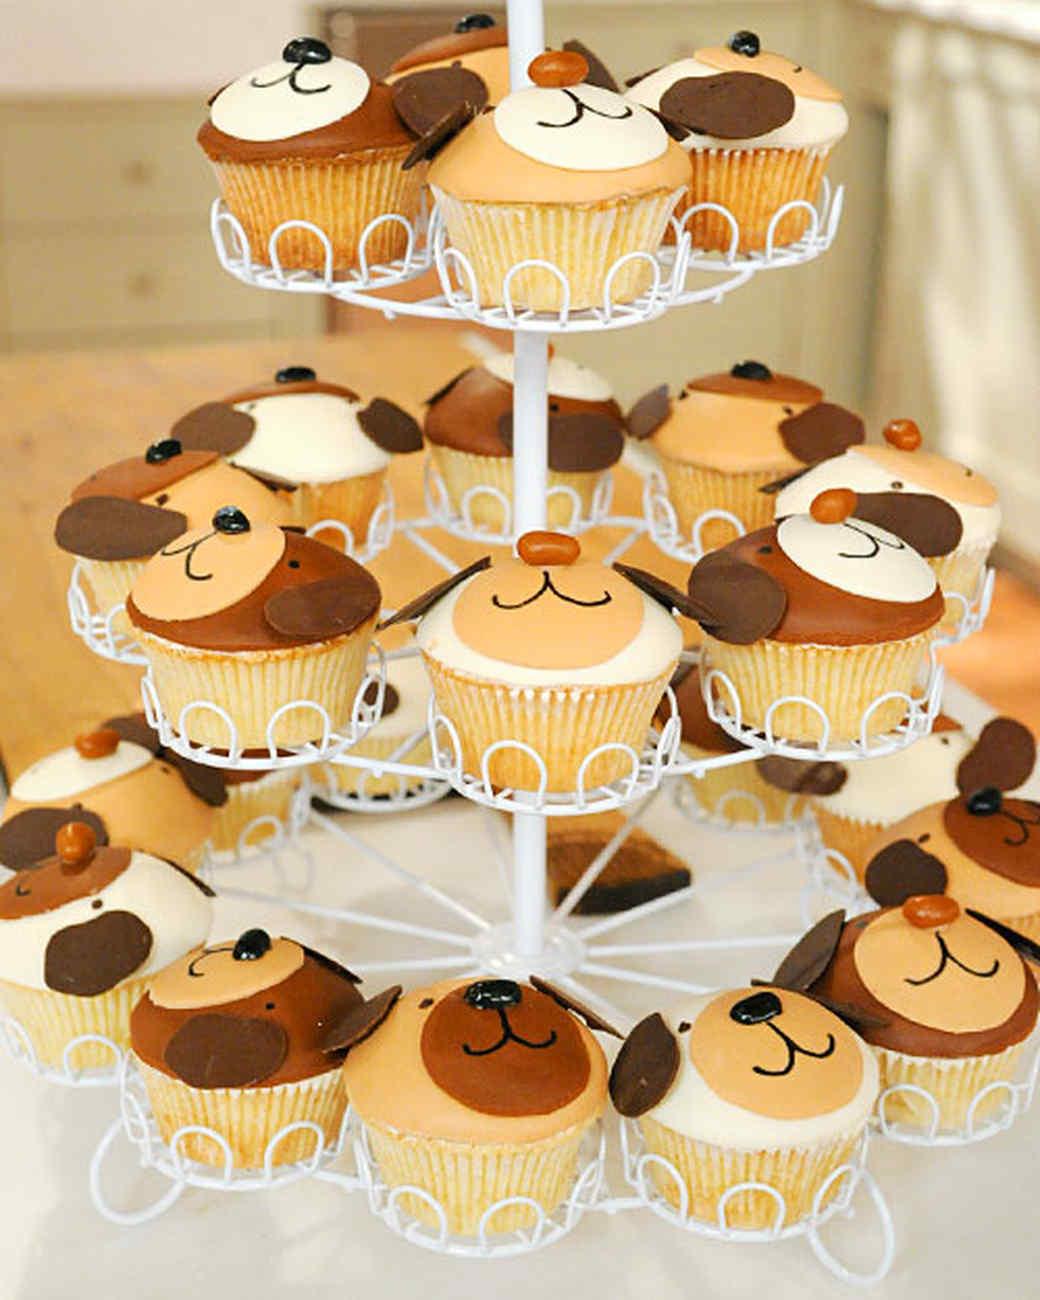 6136_042111_puppy_cupcakes.jpg